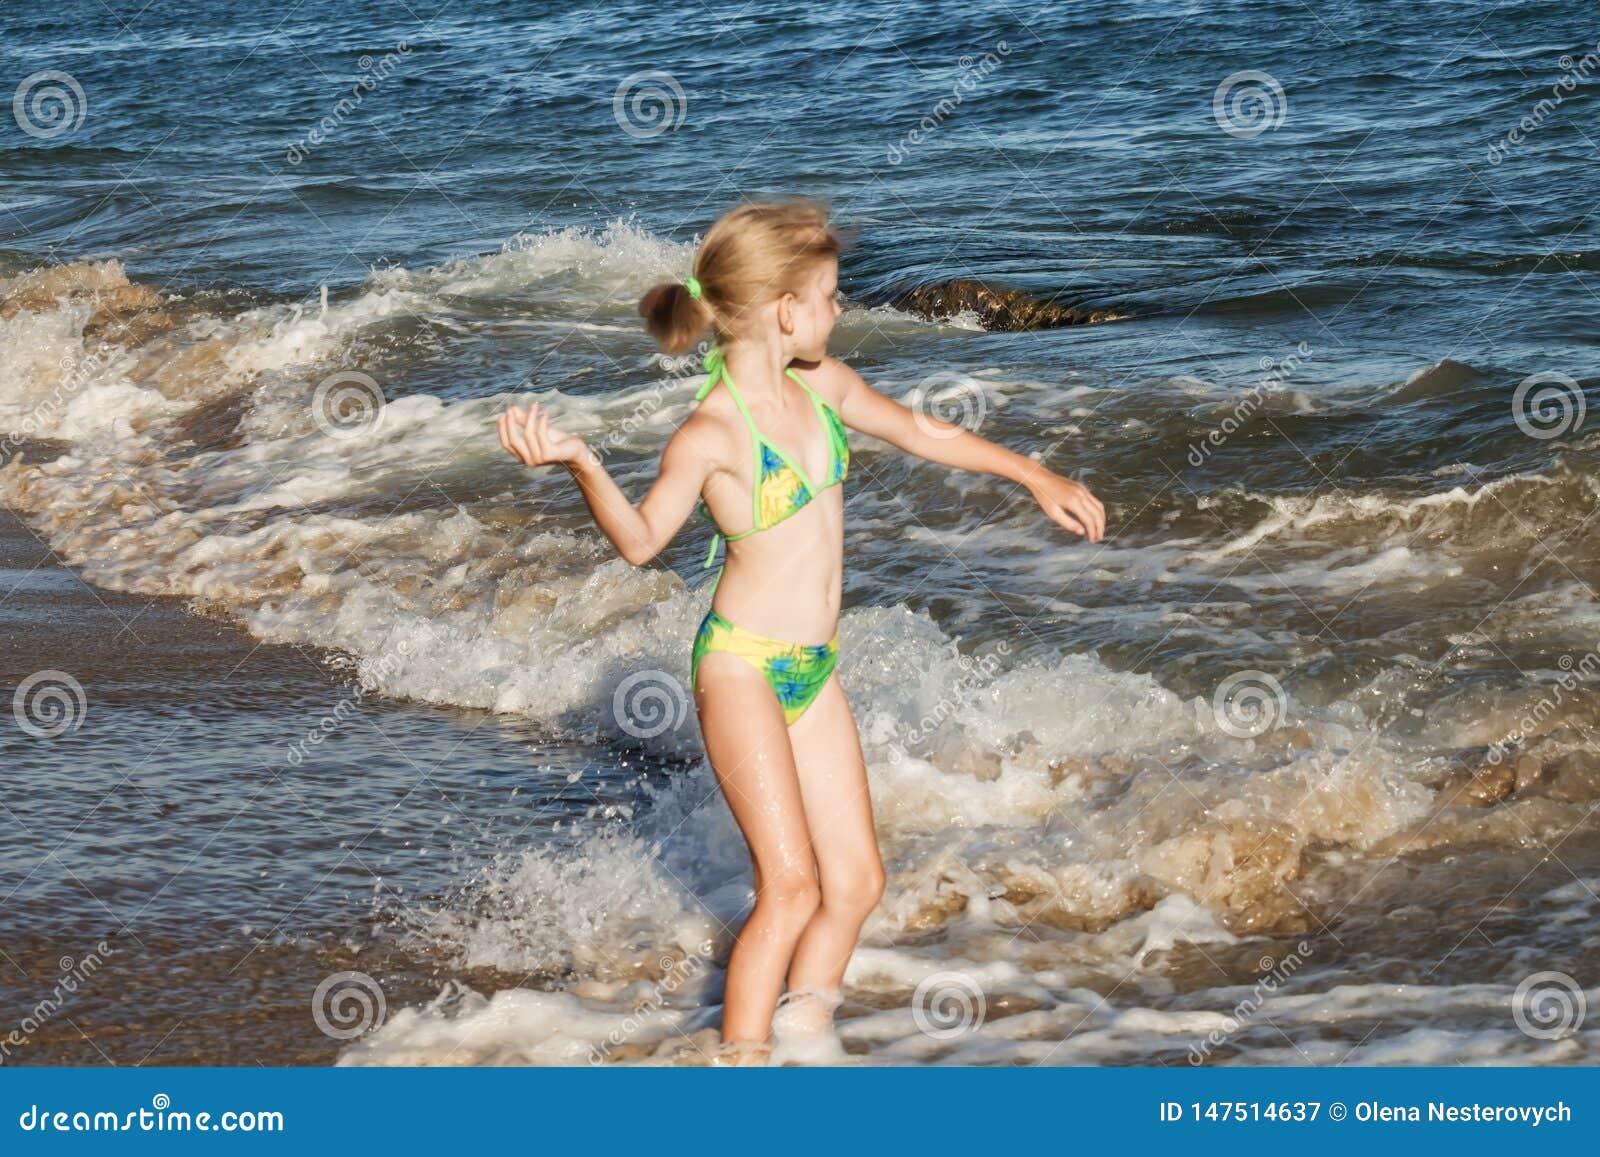 Schönes und glückliches Mädchen in einem grünen Badeanzug wirft einen Kiesel im Meer, Strandkonzept